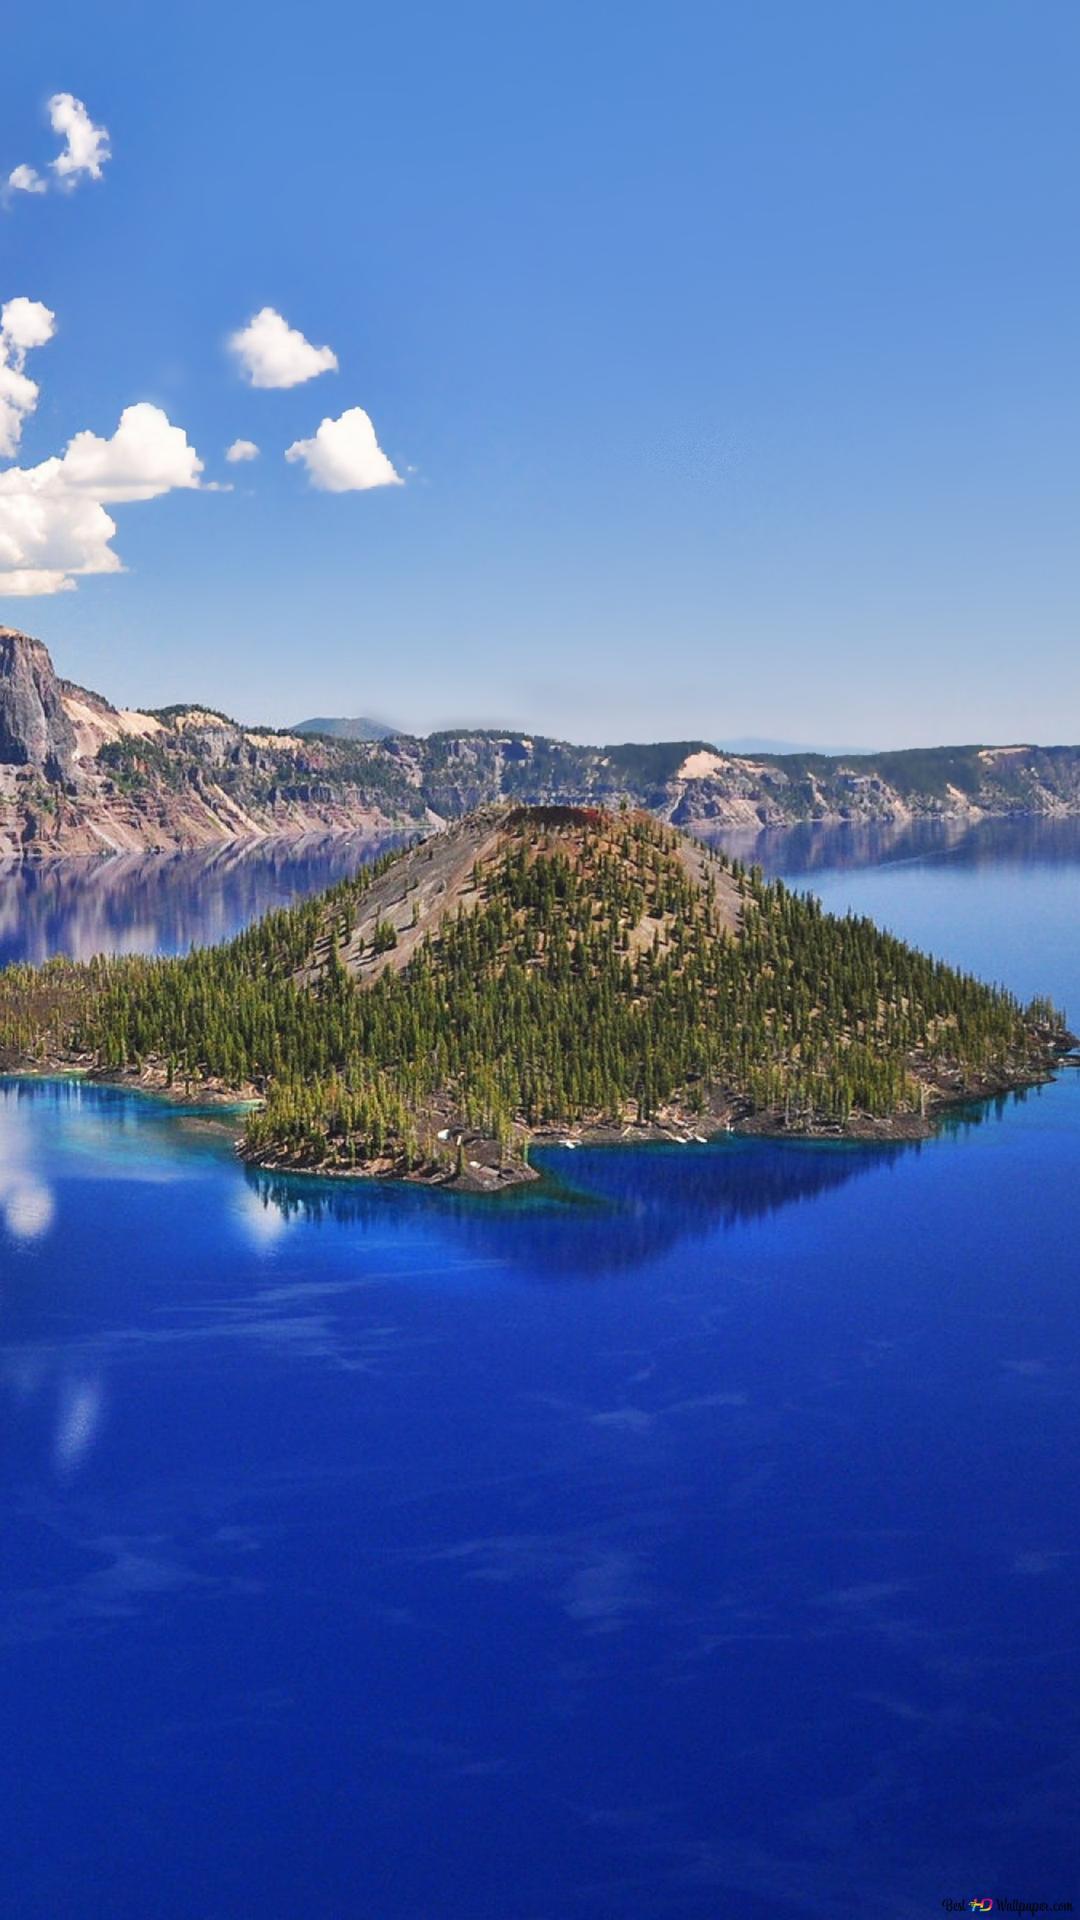 美しい島 Hd壁紙のダウンロード